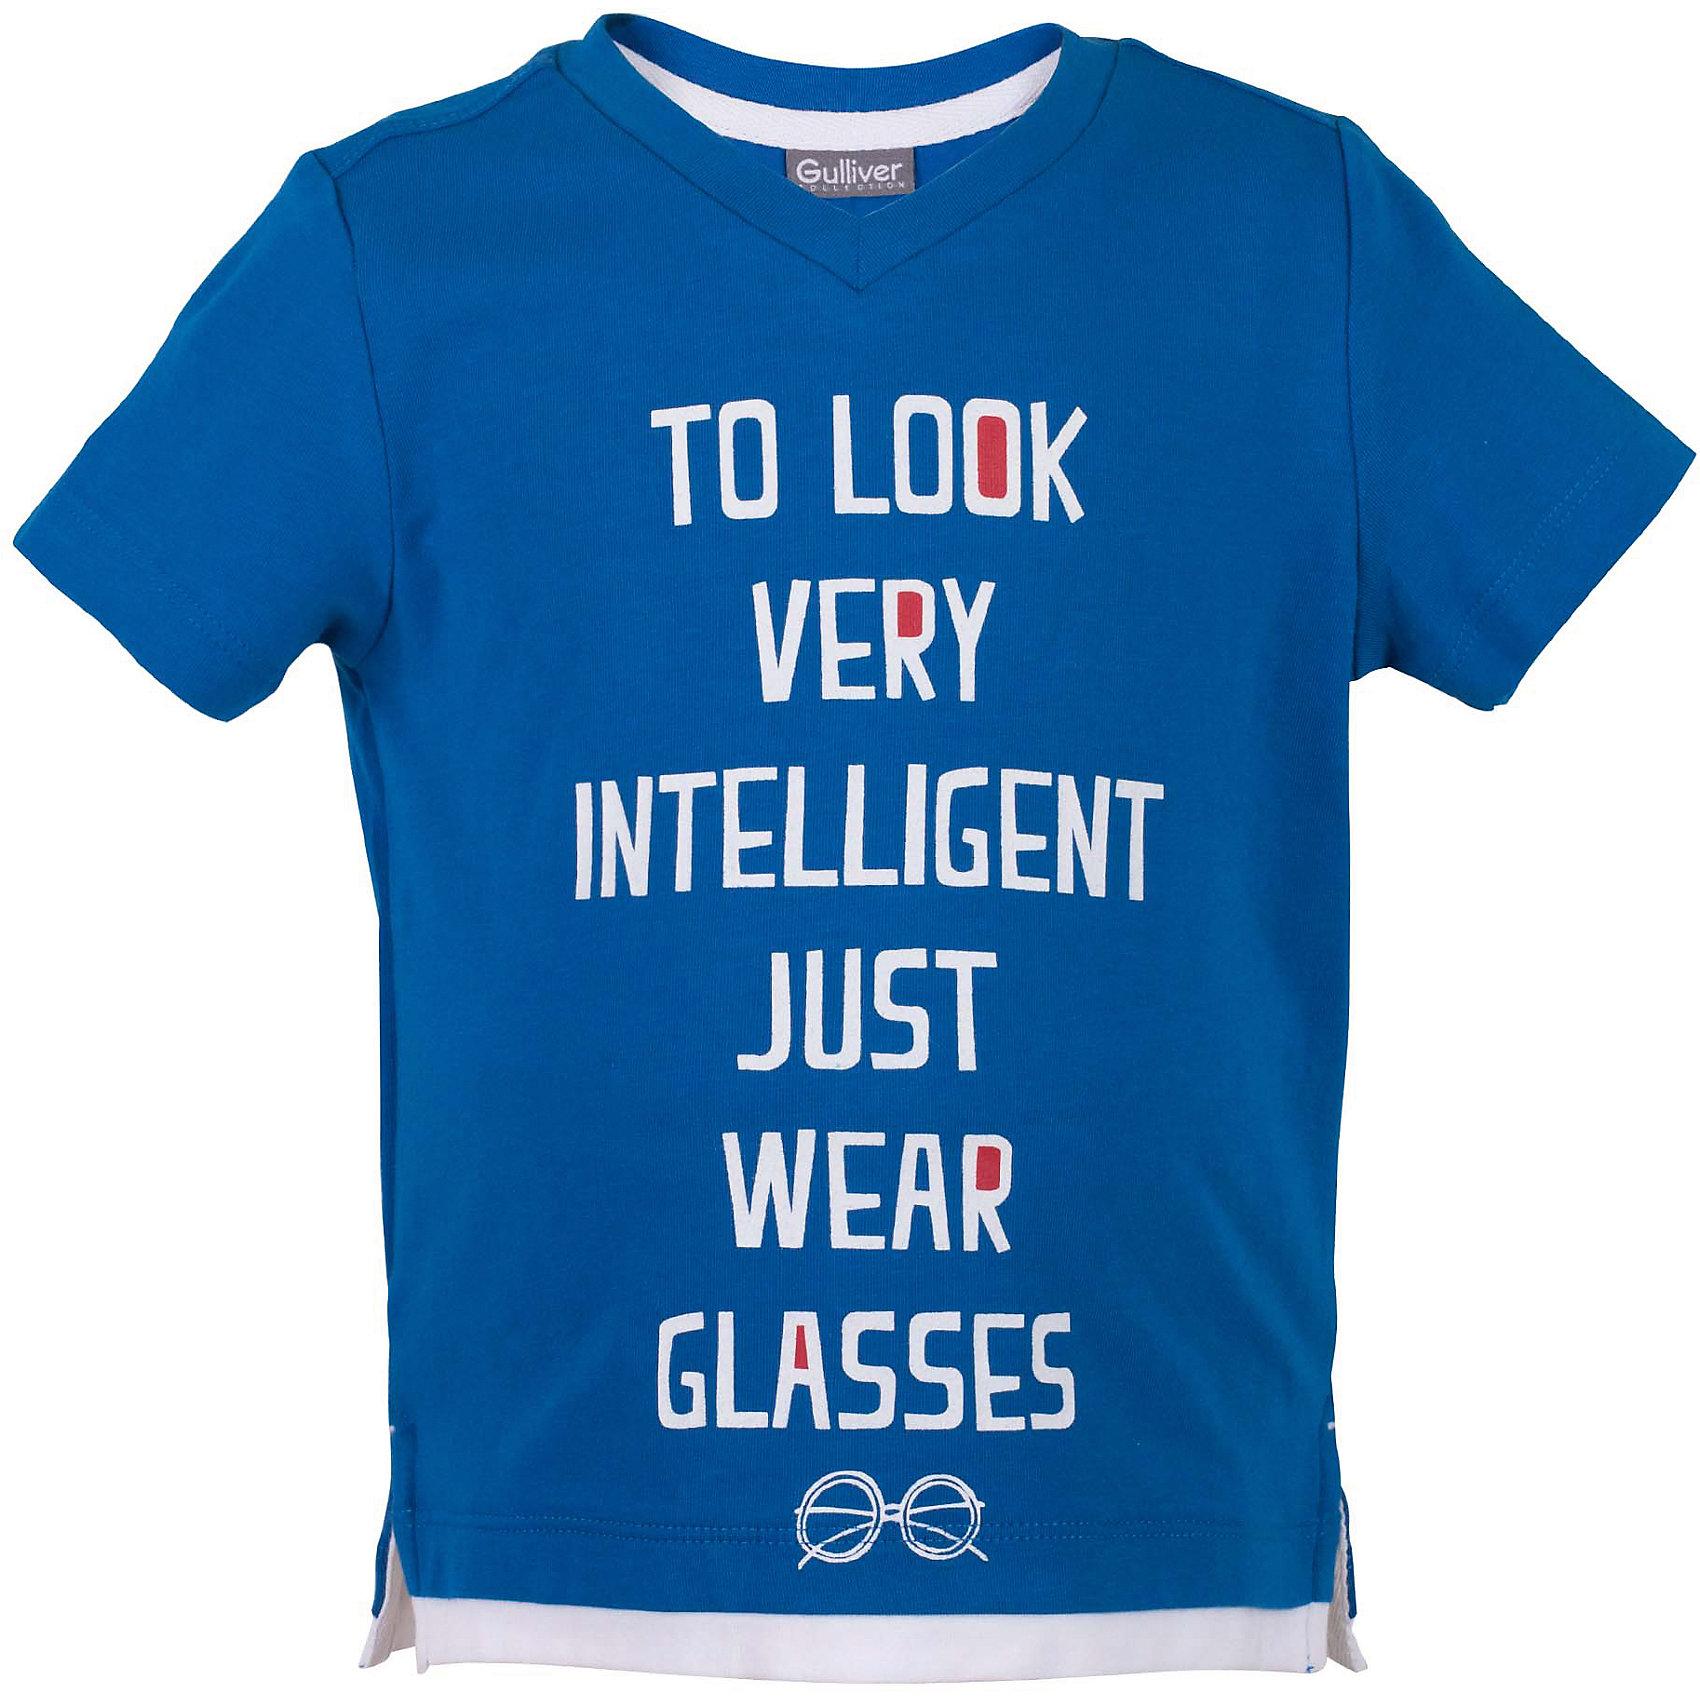 Футболка для мальчика GulliverФутболки, поло и топы<br>Стильная летняя футболка - изделие из разряда must have! Но определиться с выбором бывает не так просто. Вы хотите купить яркую детскую футболку с коротким рукавом? Предпочитаете приобрести модную необычную модель и качественную брендовую вещь, которая добавит в летний гардероб ребенка свежесть и новизну? Тогда эта классная синяя футболка с принтом - отличный выбор! Футболка для мальчика с коротким рукавом выполнена из мягкого хлопка с эластаном. Изюминка модели - имитация актуальной многослойности. Белая отделка делает футболку сложнее, интереснее, ярче.<br>Состав:<br>95% хлопок      5% эластан<br><br>Ширина мм: 199<br>Глубина мм: 10<br>Высота мм: 161<br>Вес г: 151<br>Цвет: синий<br>Возраст от месяцев: 36<br>Возраст до месяцев: 48<br>Пол: Мужской<br>Возраст: Детский<br>Размер: 104,98,116,110<br>SKU: 5483897